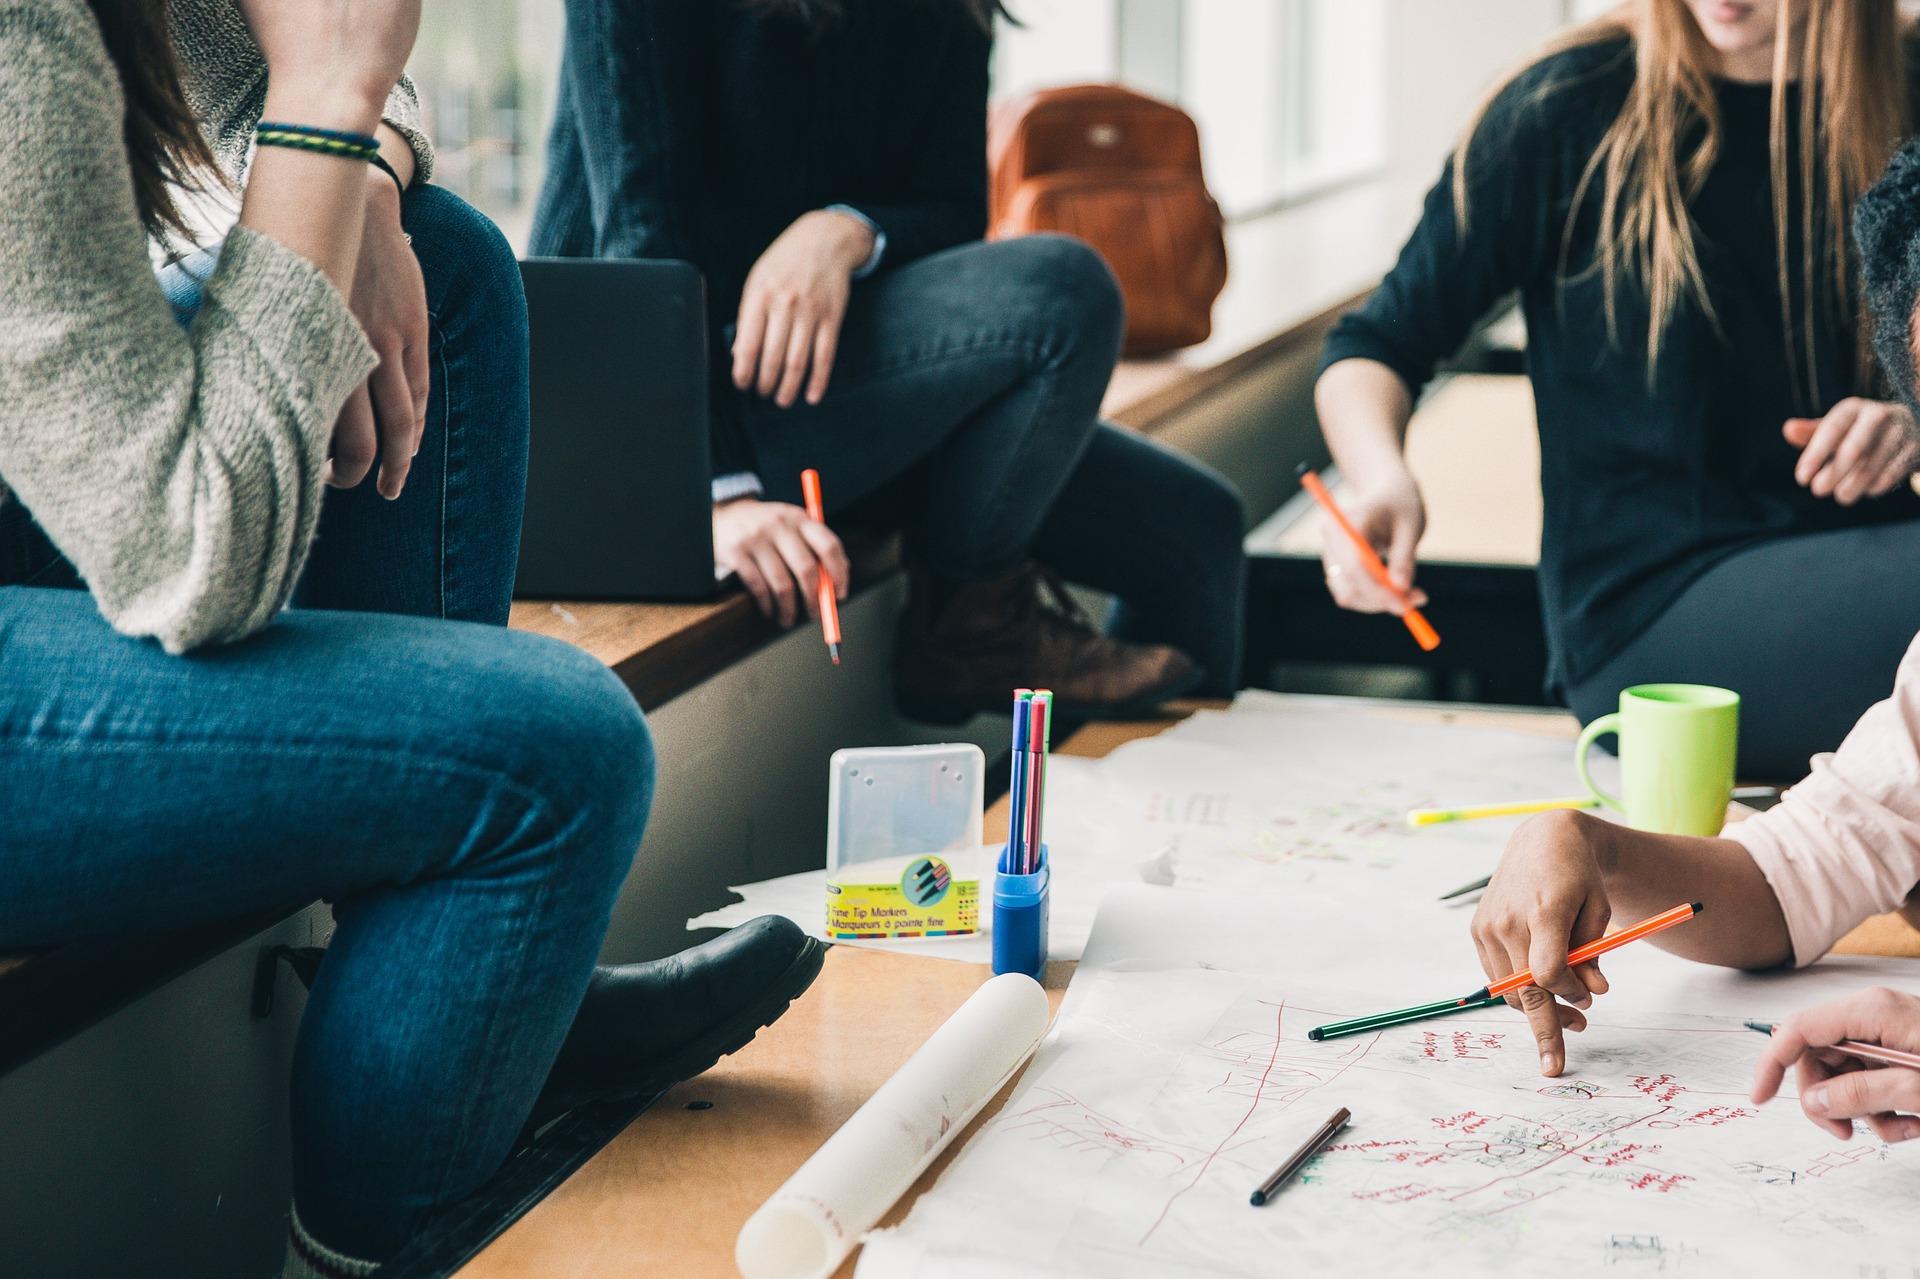 Gruppenarbeit leicht gemacht – 4 Methoden für den Unterricht